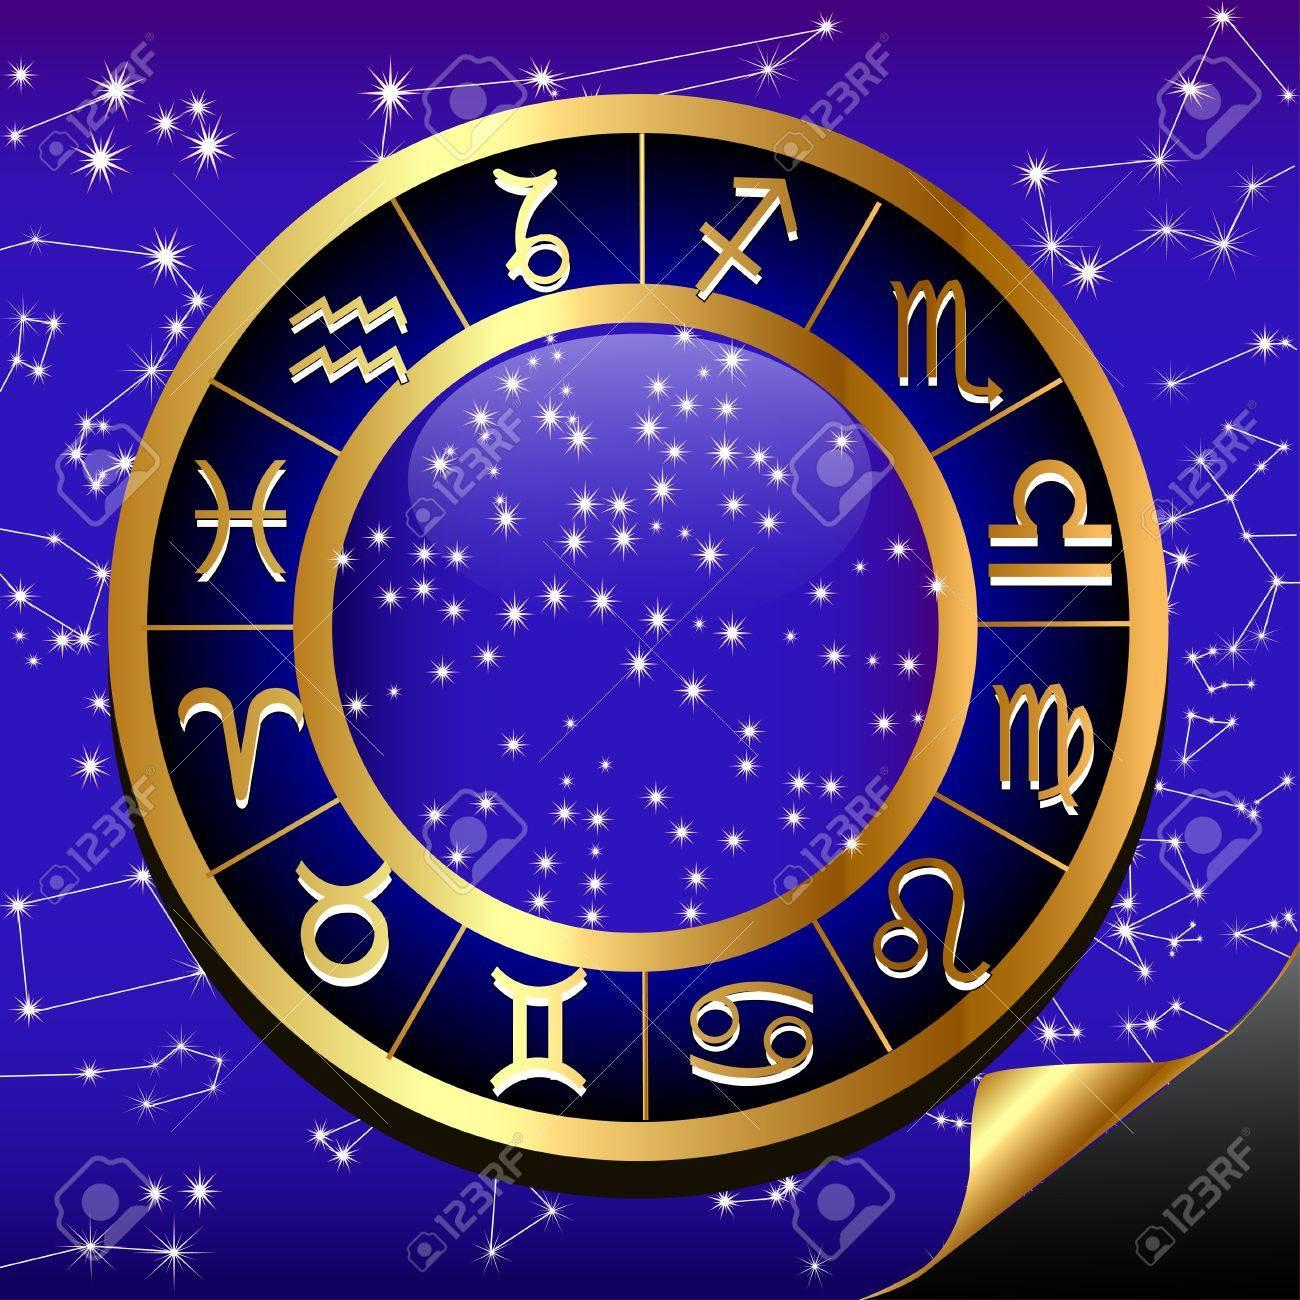 Resultado de imagem para zodiac constellations